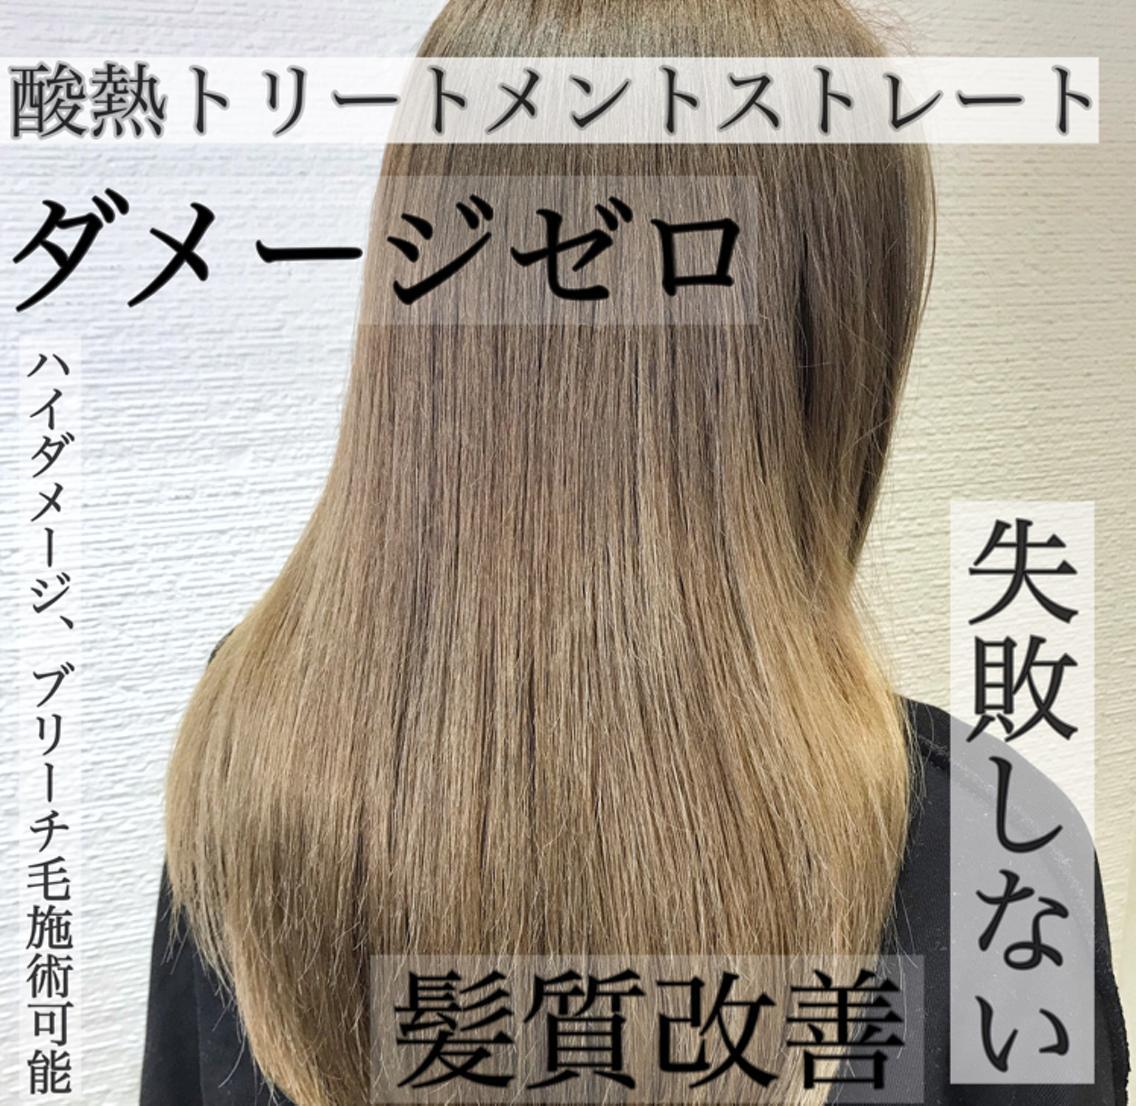 ❣縮毛矯正で失敗したくない方❣️️🍀ブリーチ毛、ハイダメージ毛の髪質改善🙆♂️ダメージレスの縮毛矯正に絶対の自信あります🍀ダメージさせないで髪を綺麗にされたい方は是非担当させてください💪⭐️